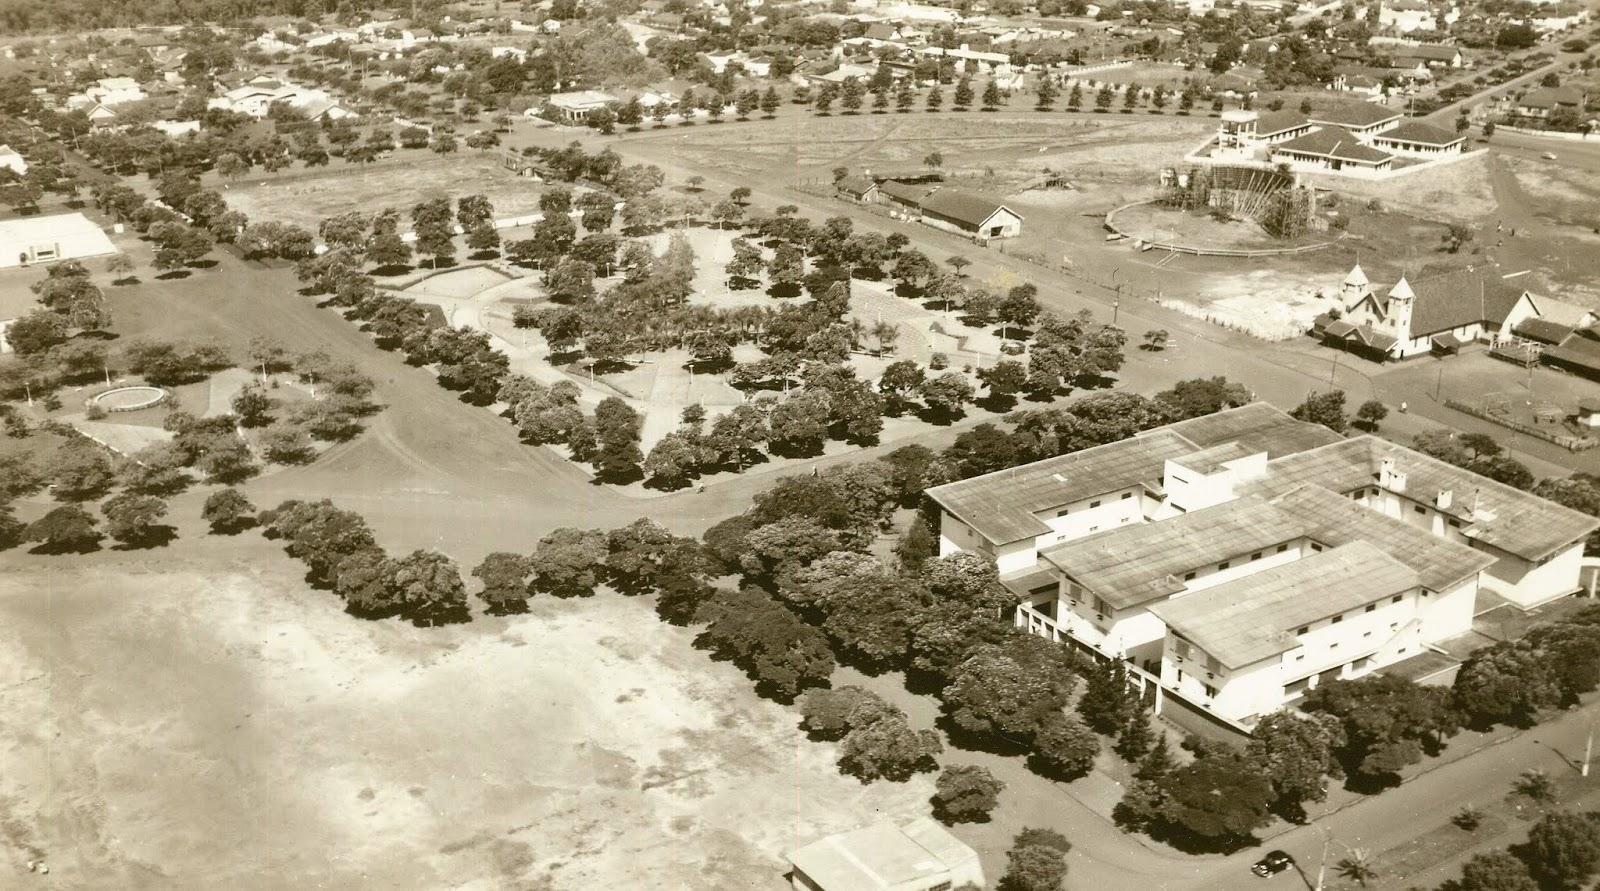 Vista aérea da praça Dom Pedro II - Início dos anos 1960